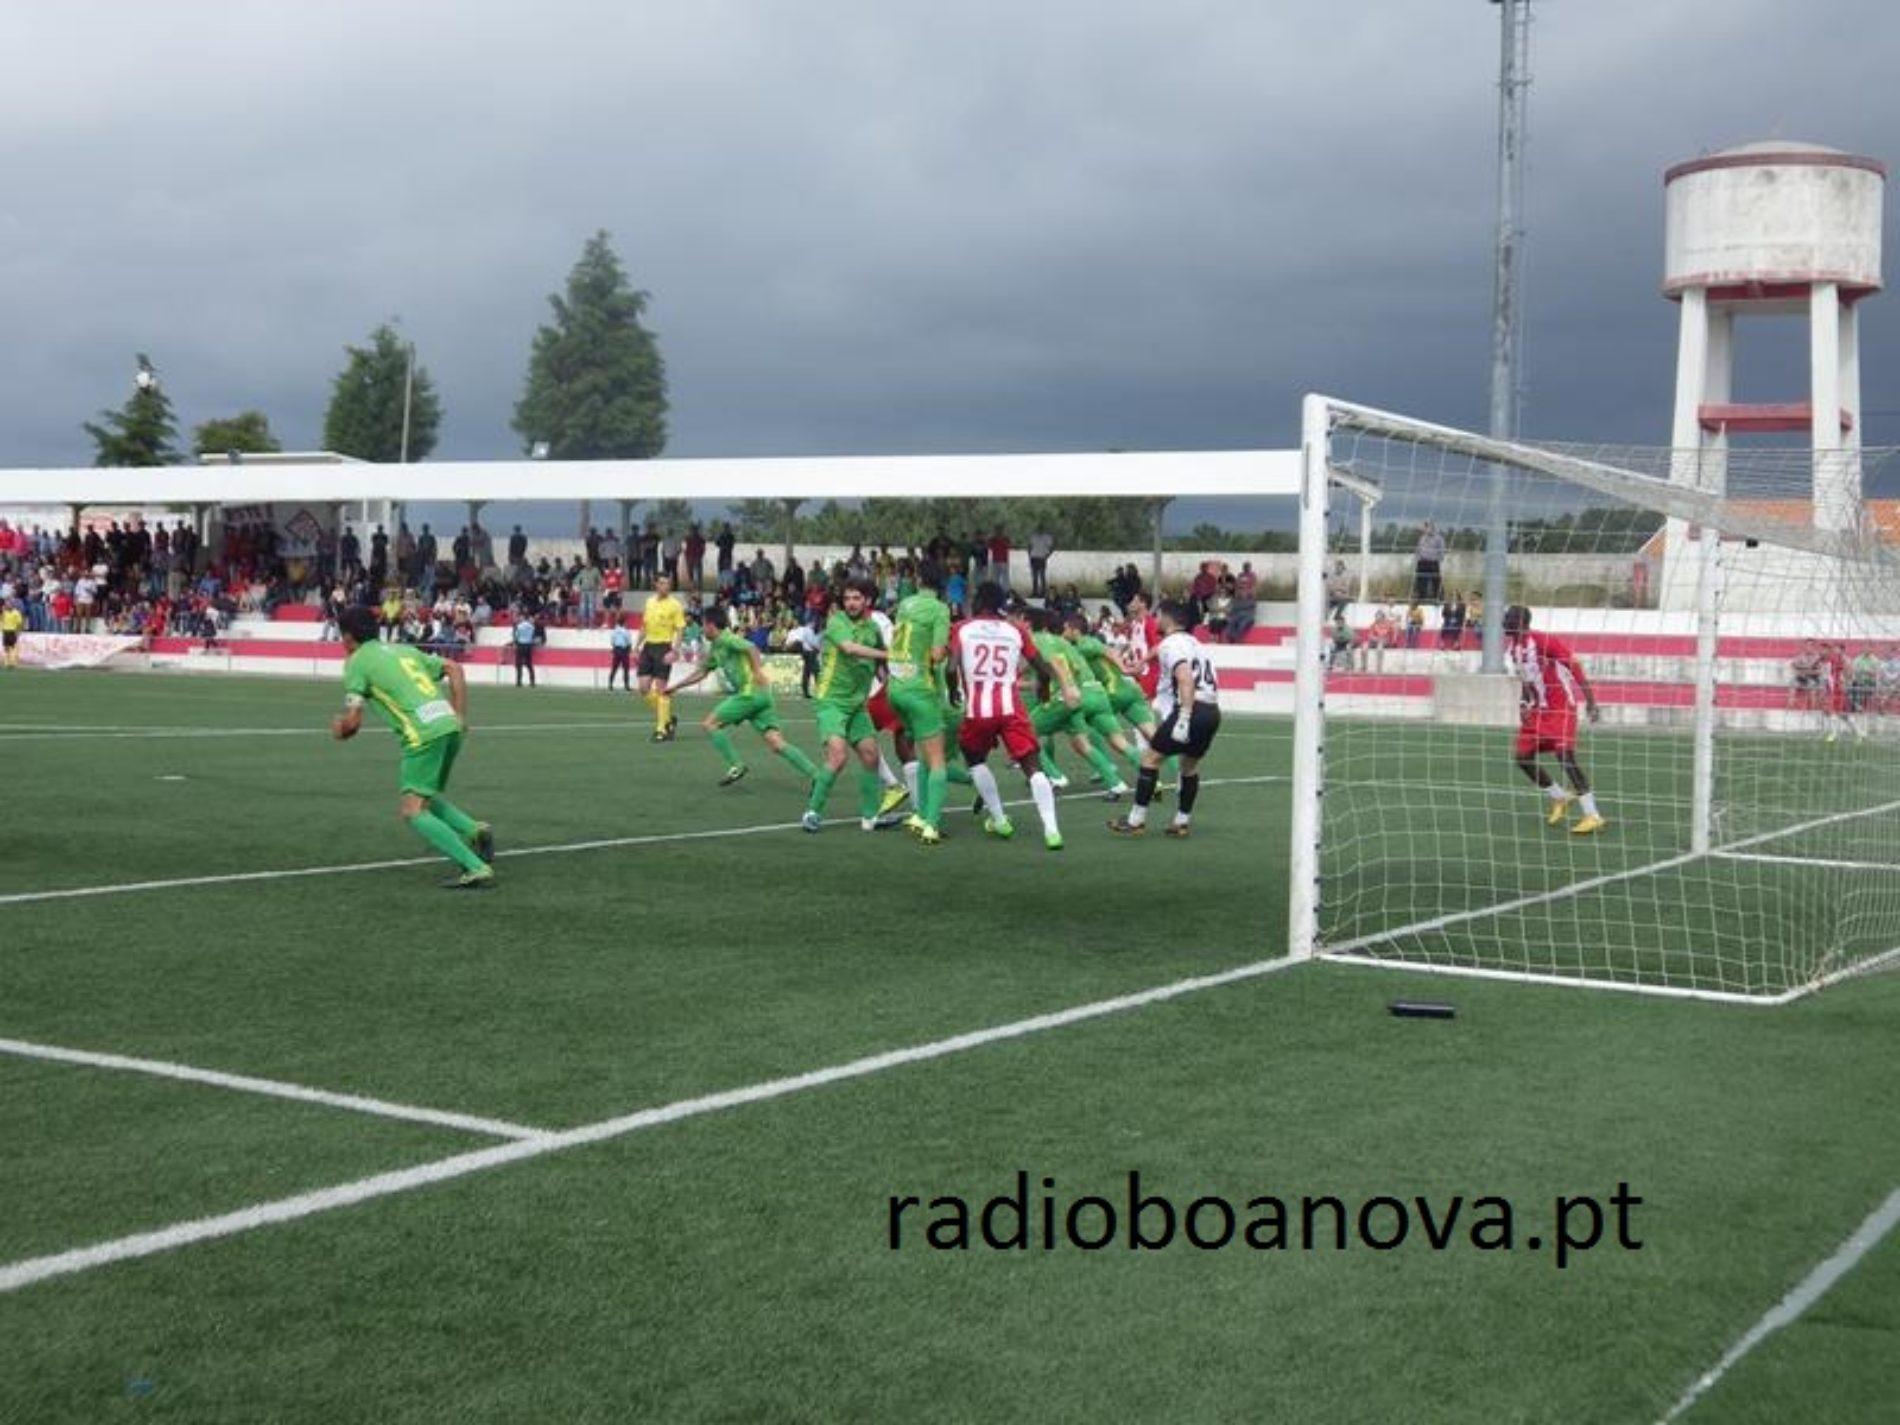 Nogueirense consegue a manutenção no Campeonato de Portugal Prio ao vencer o Arões por 5-4, após grandes penalidades